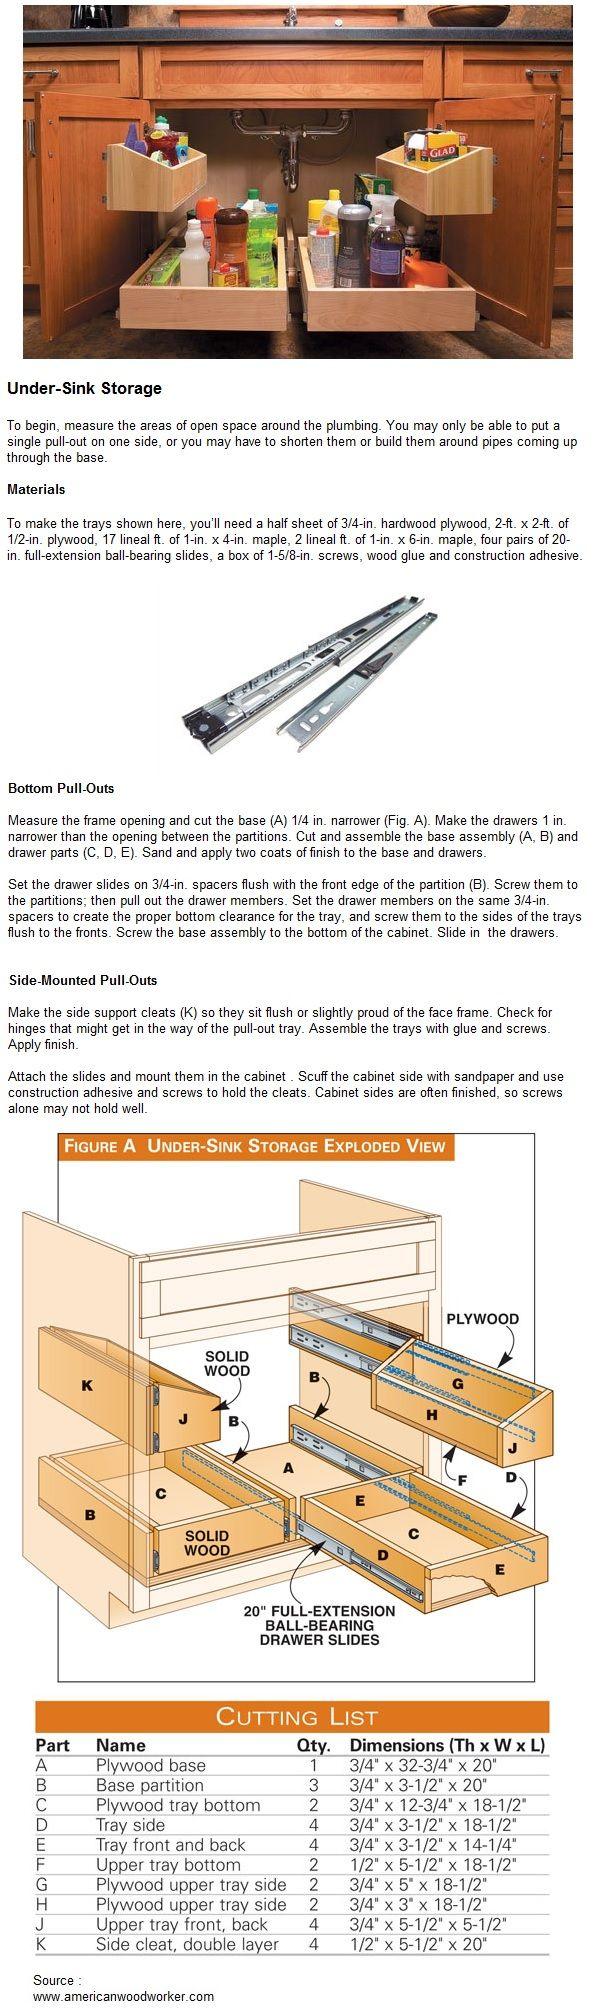 Pin On Under Sink Storage Super Smart Ways To Organize